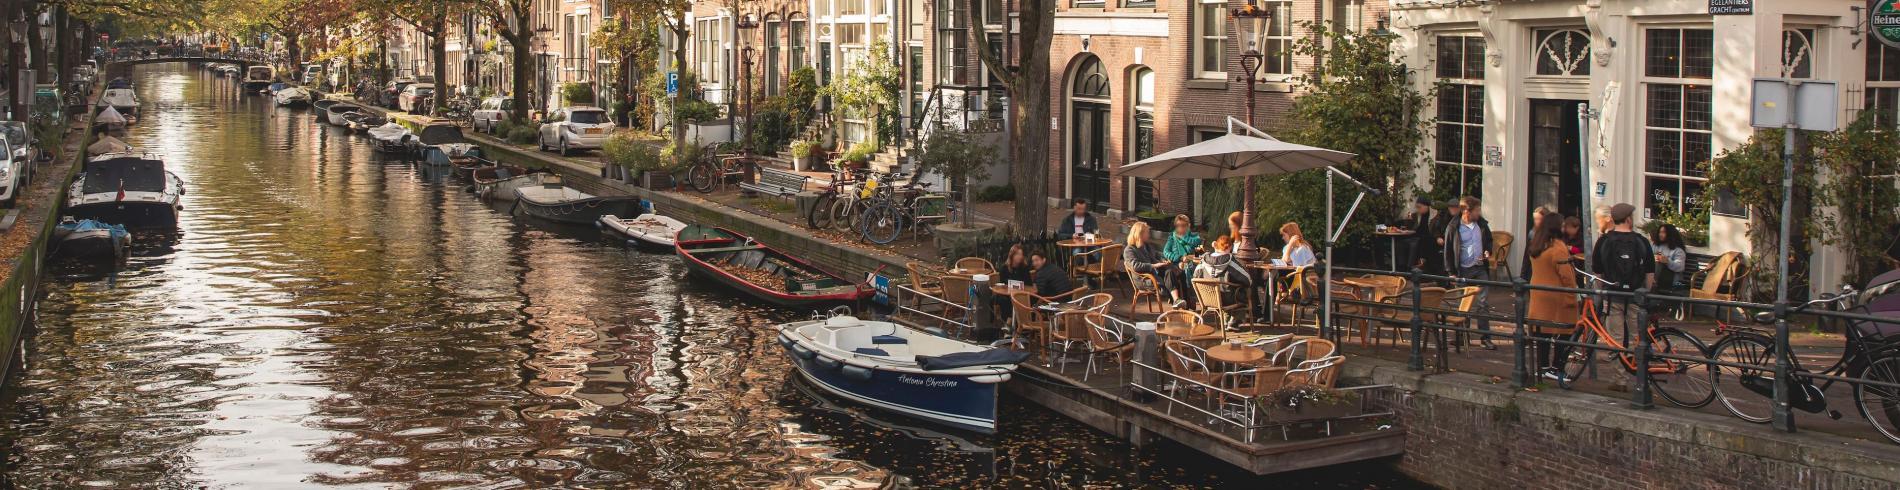 Canal-side spots